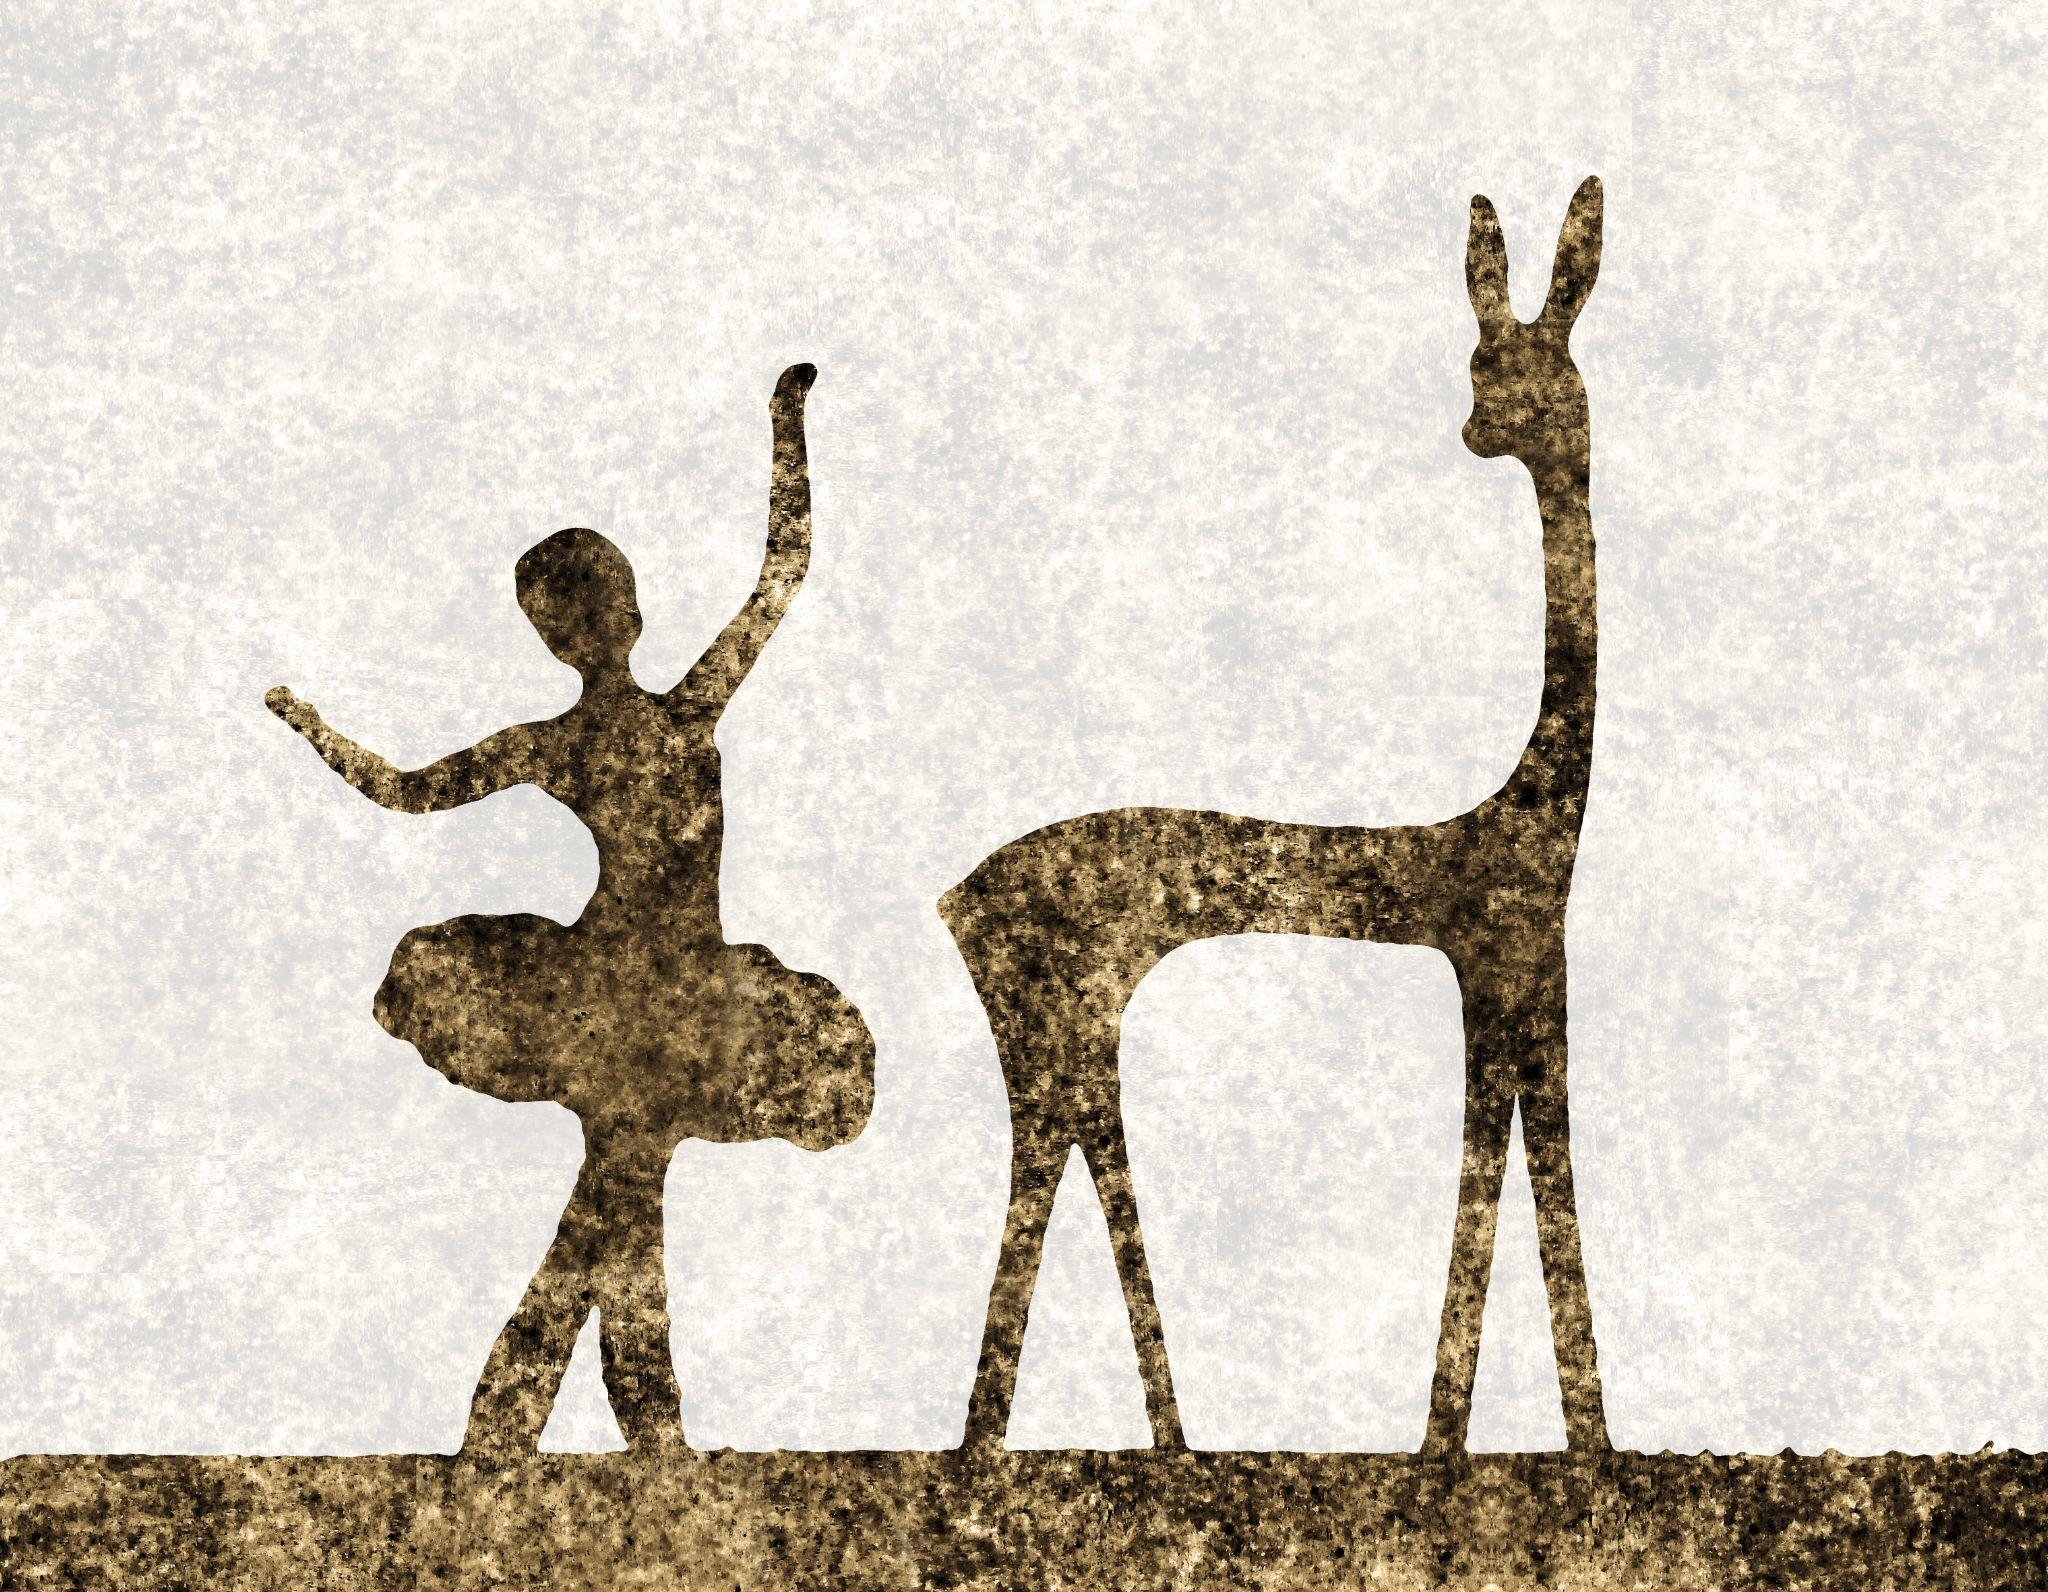 Girl & Deer by Shilov